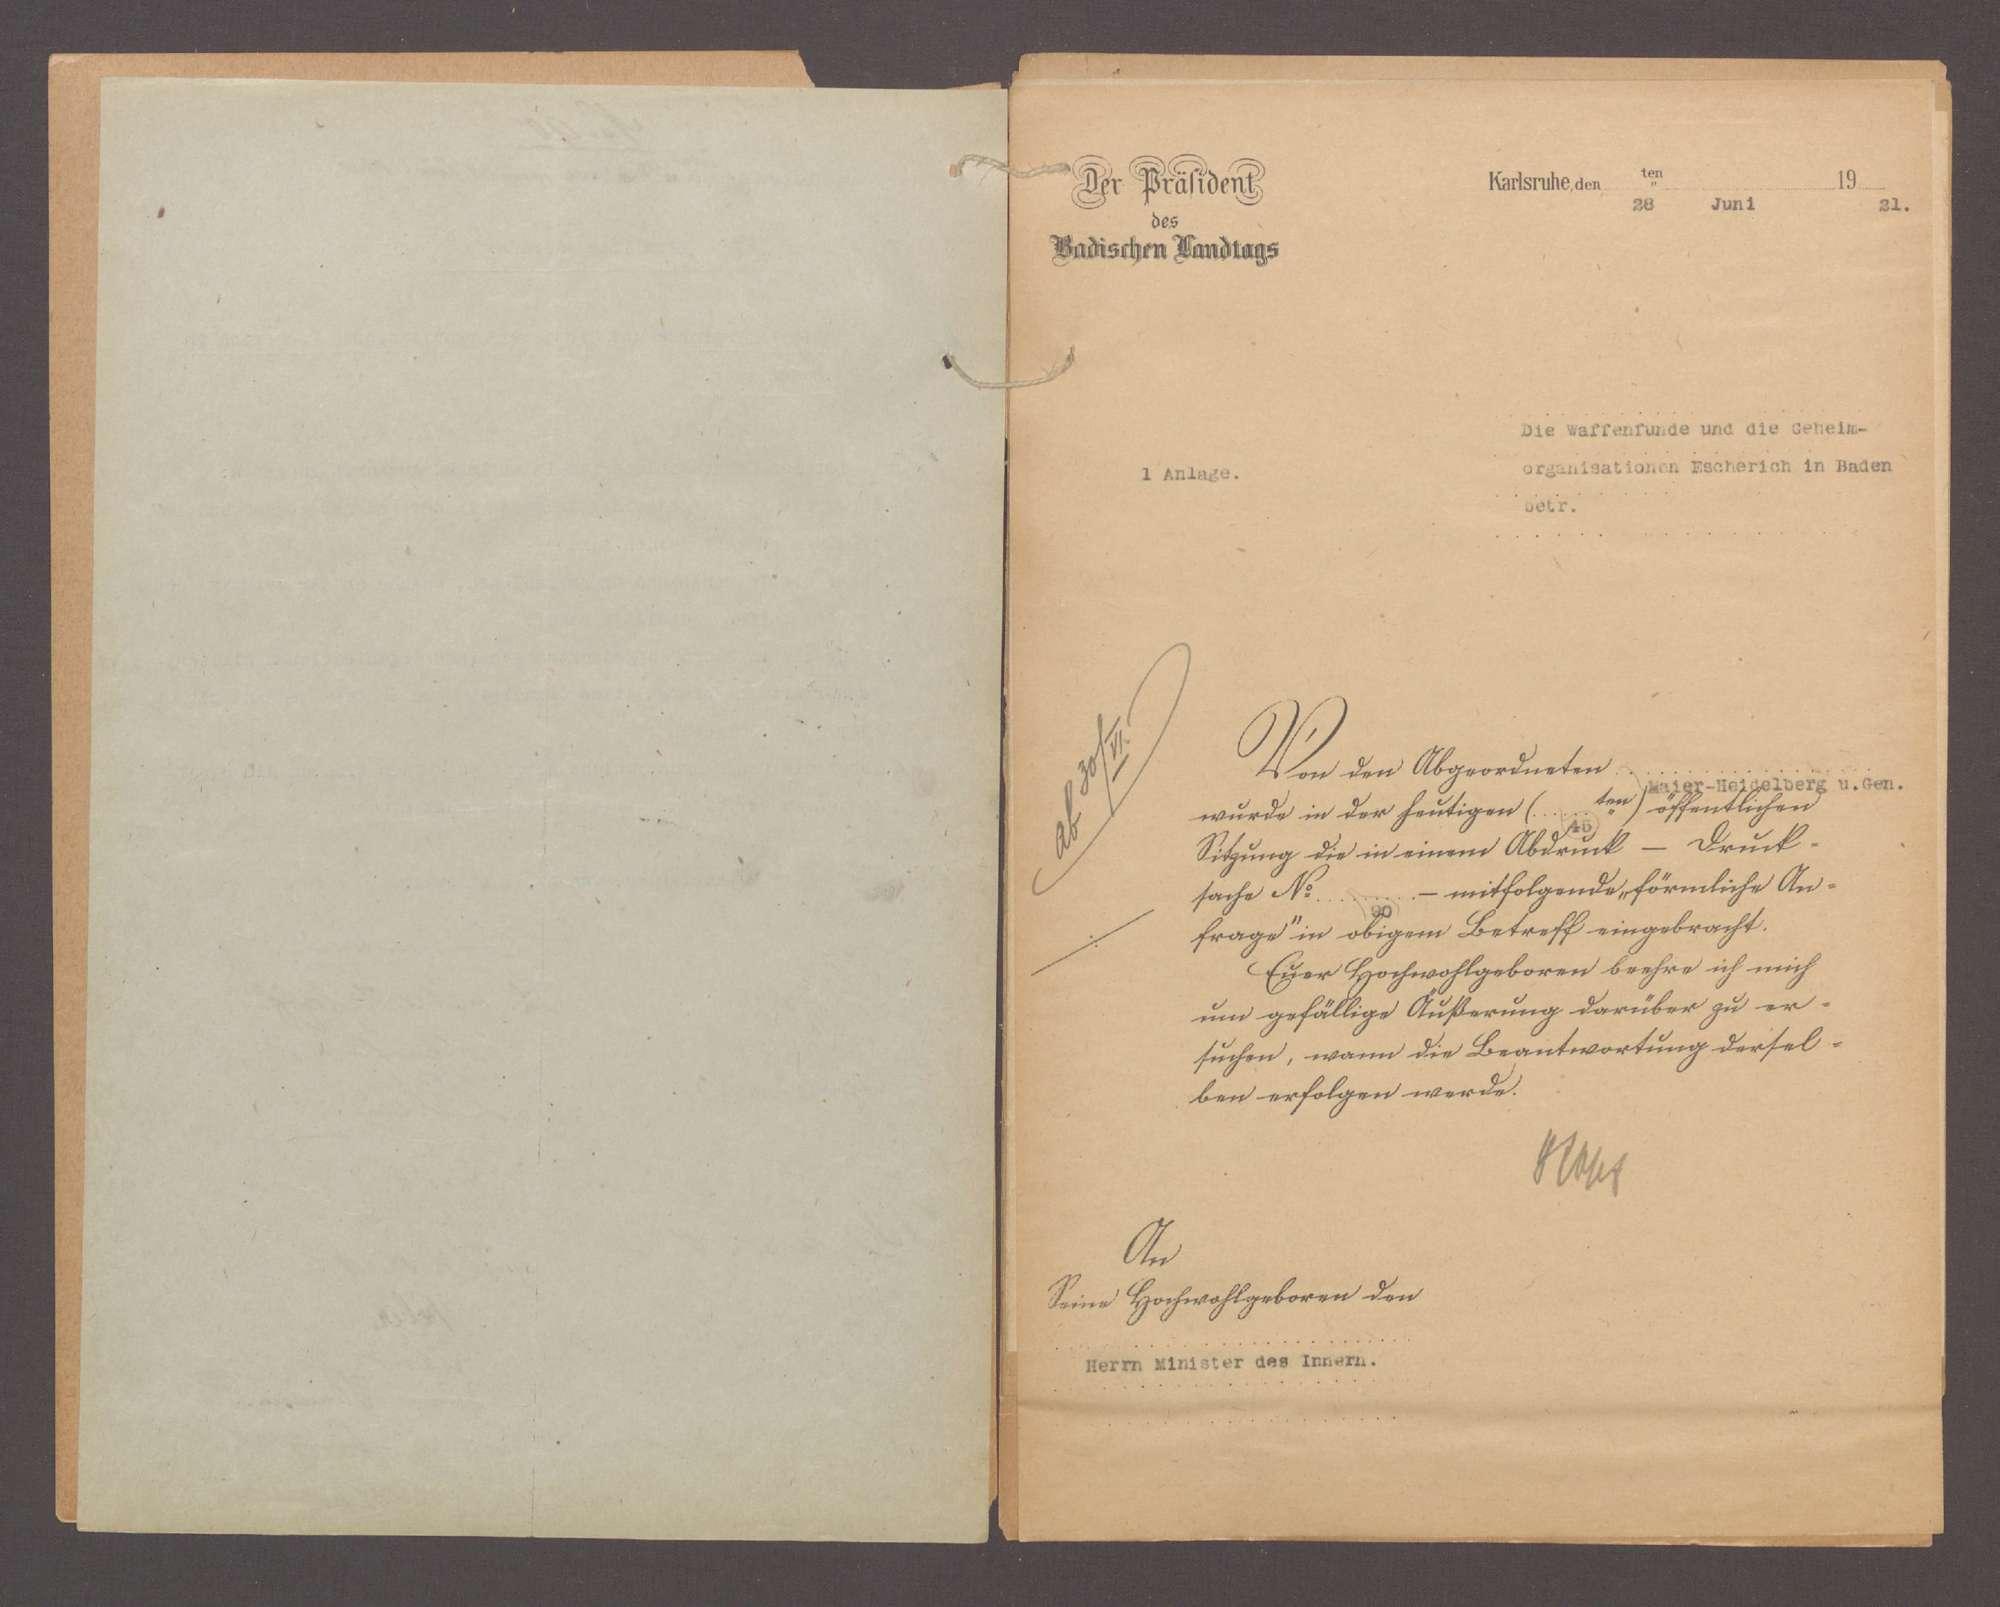 Förmliche Anfrage der Abg. Maier, Heidelberg und Gen. betreffend die Waffenfunde und die Geheimorganisation Escherich in Baden, Bild 3